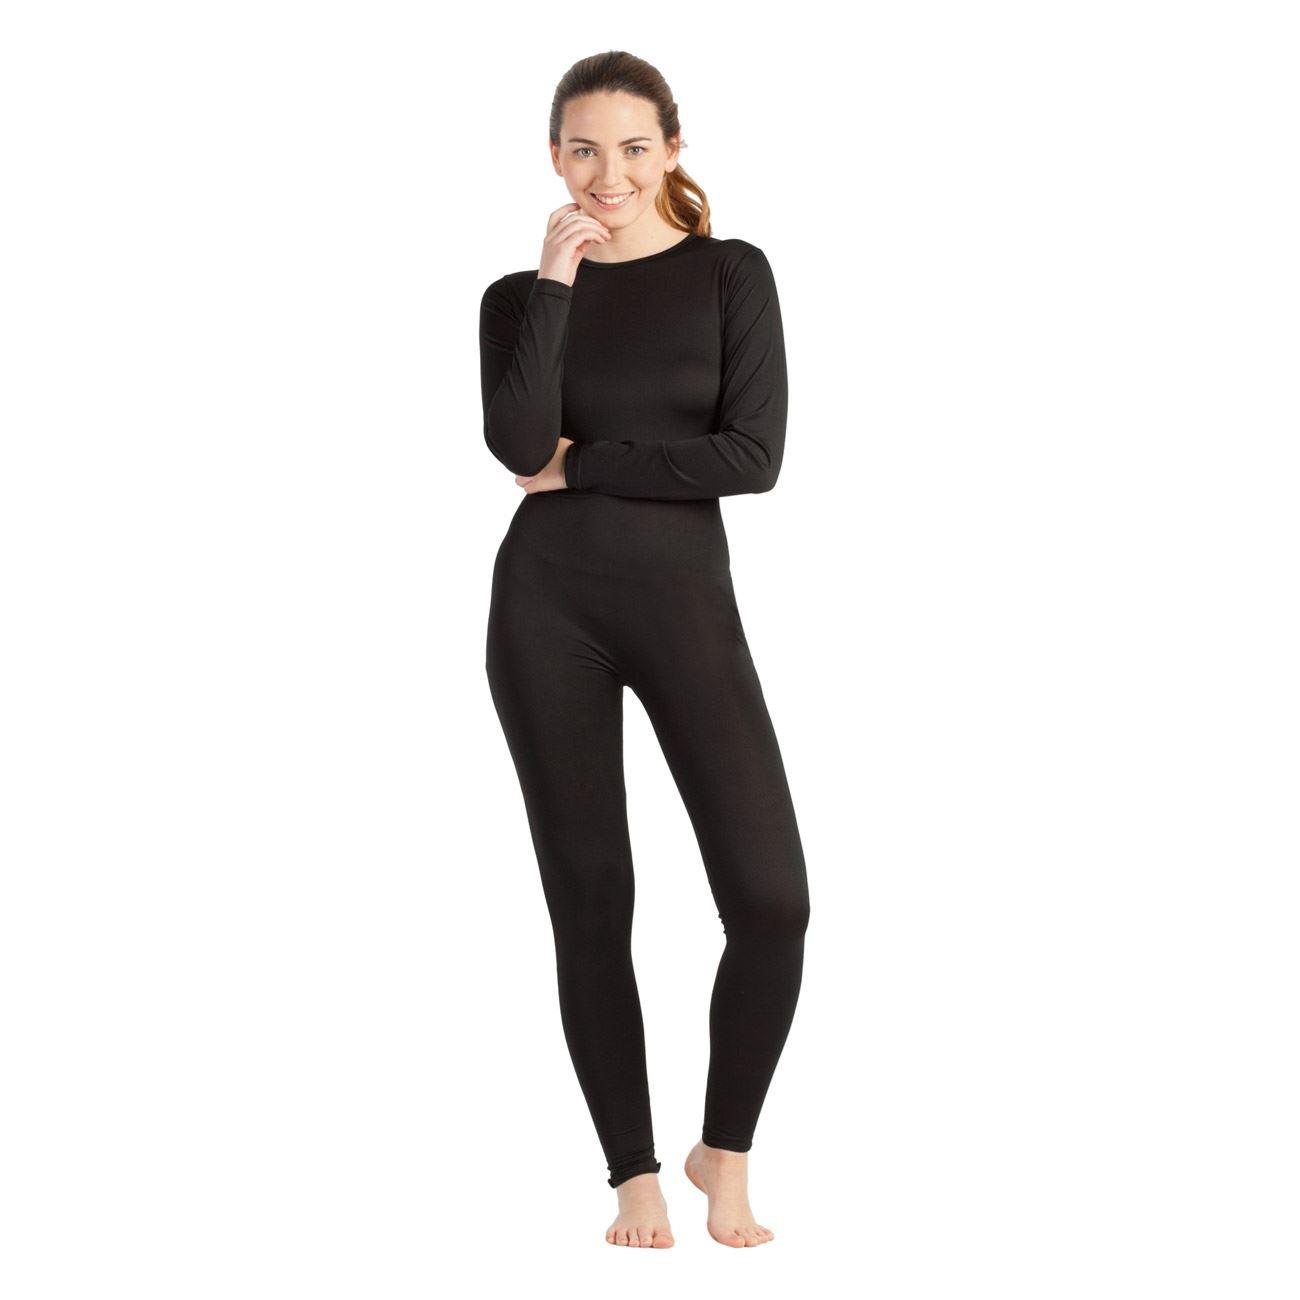 Ολόσωμο Κορμάκι Γυναικείο Μαύρο - One Size   Στολές Γυναικείες  e51c90ccbfb